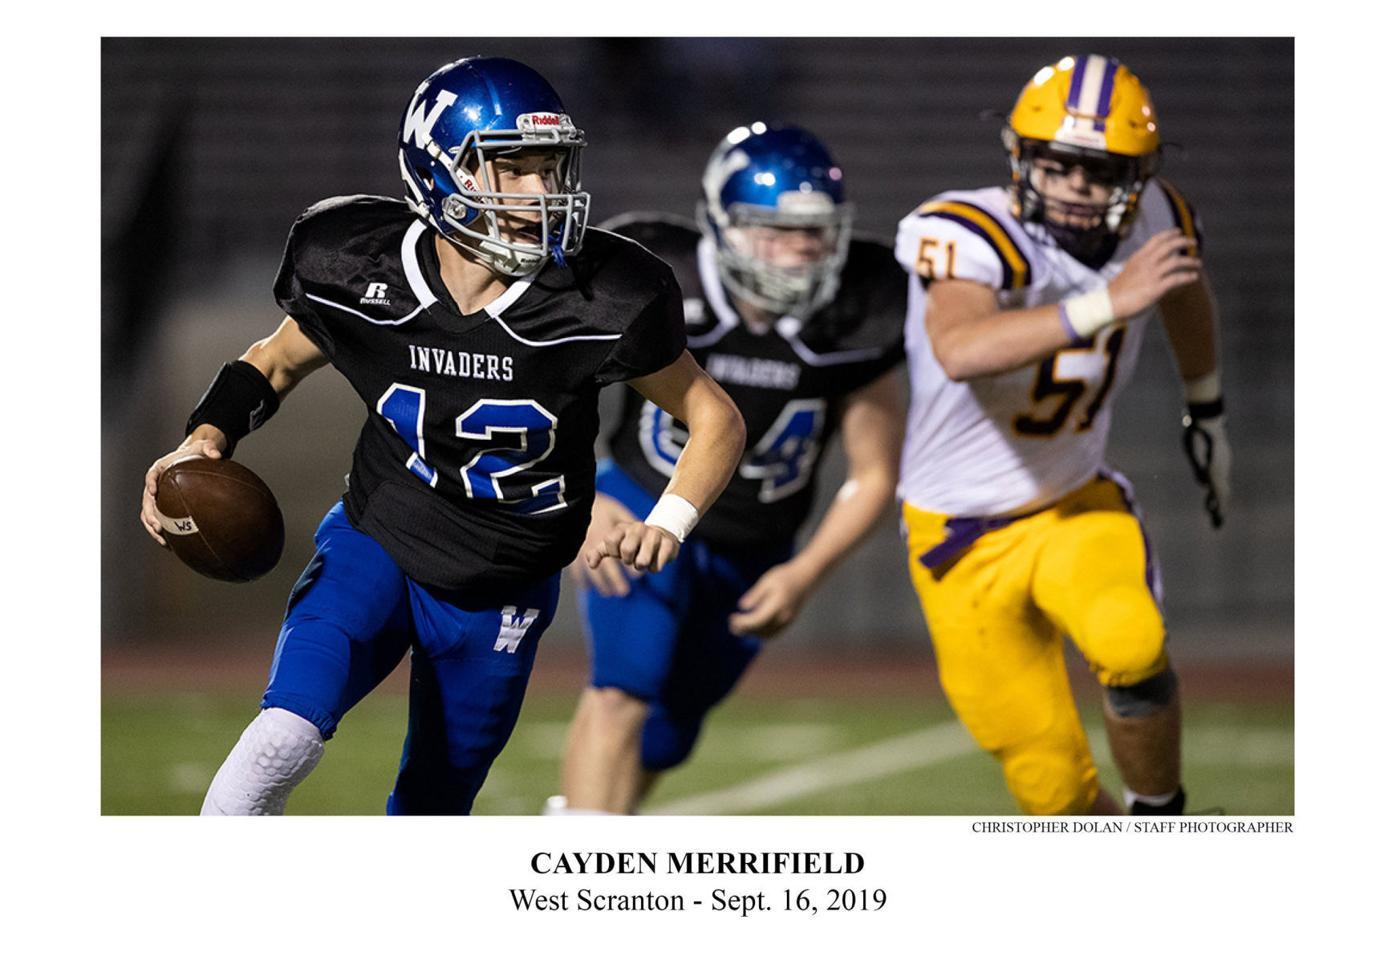 Cayden Merrifield